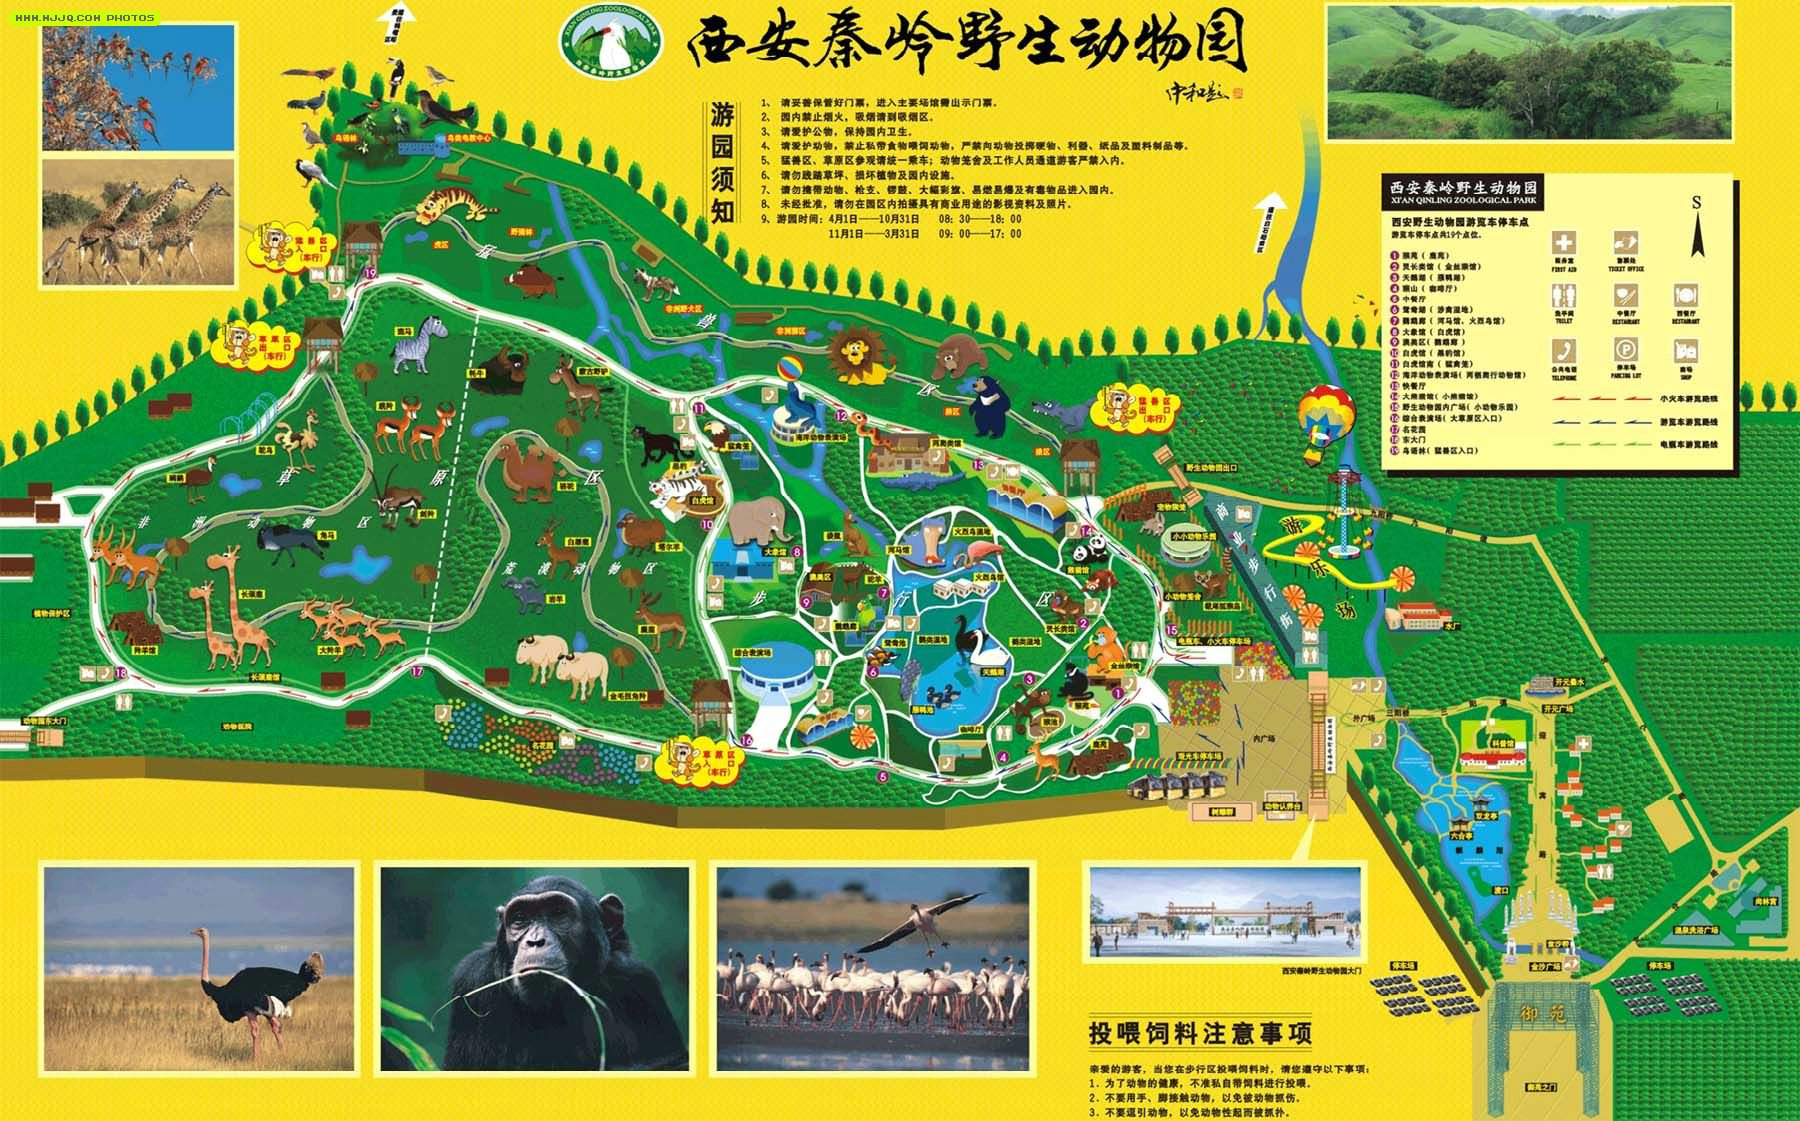 西安秦岭野生动物园导游图